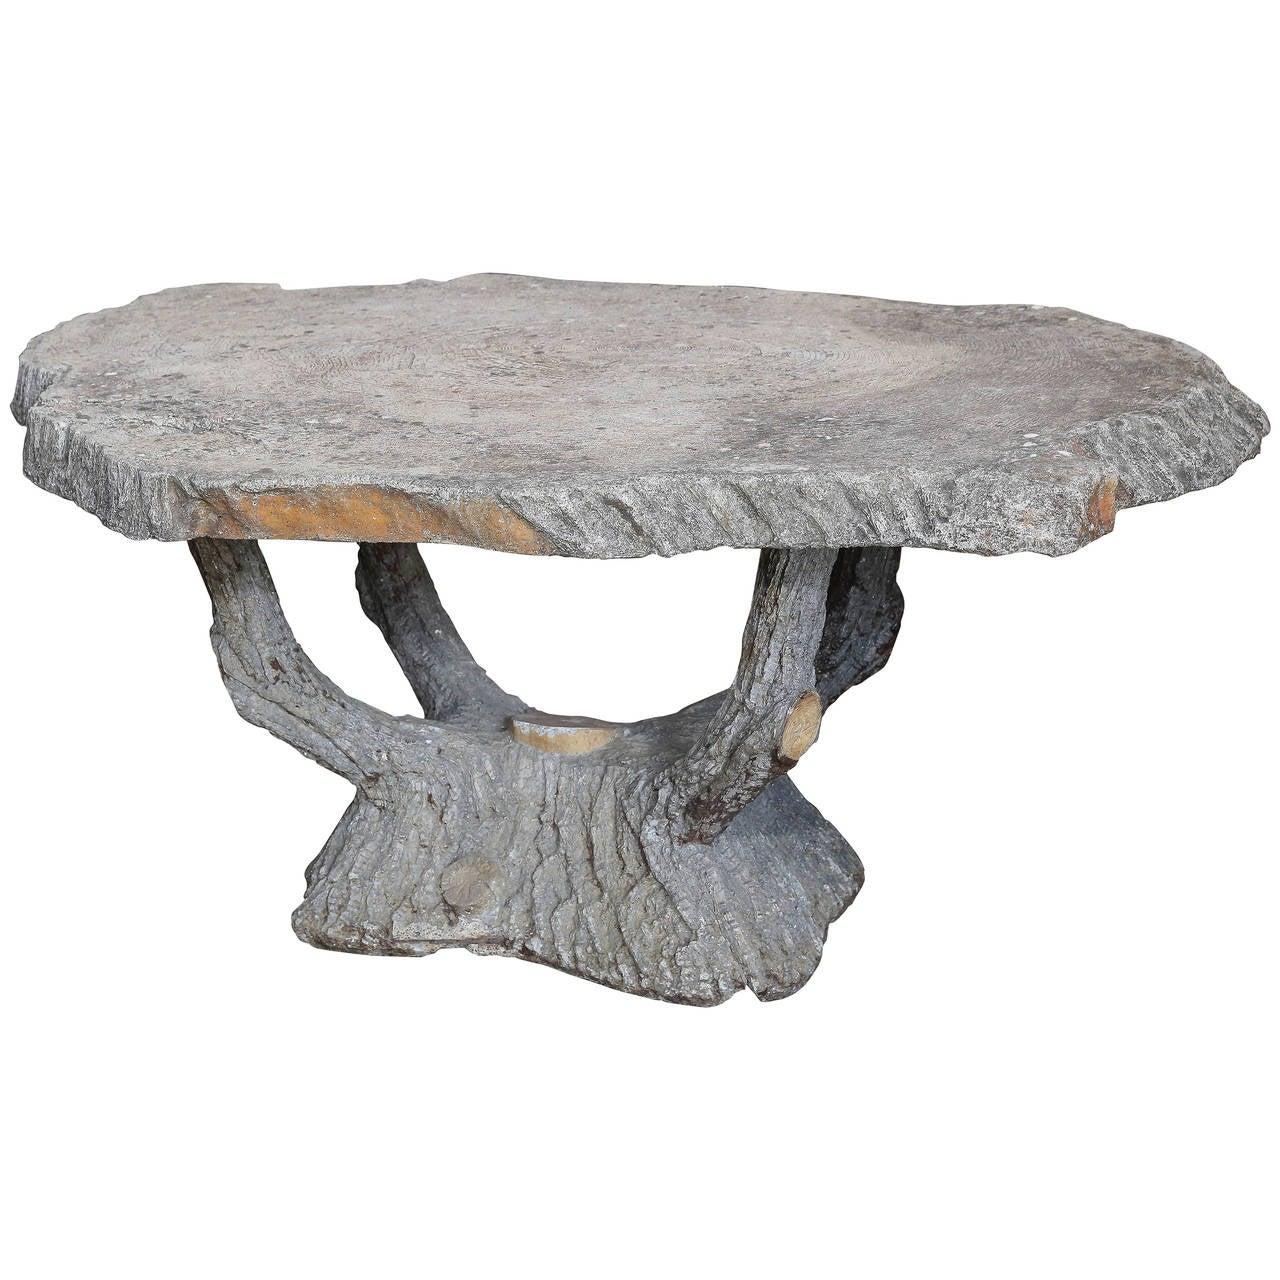 Faux Bois Beton : Faux Bois Concrete Table